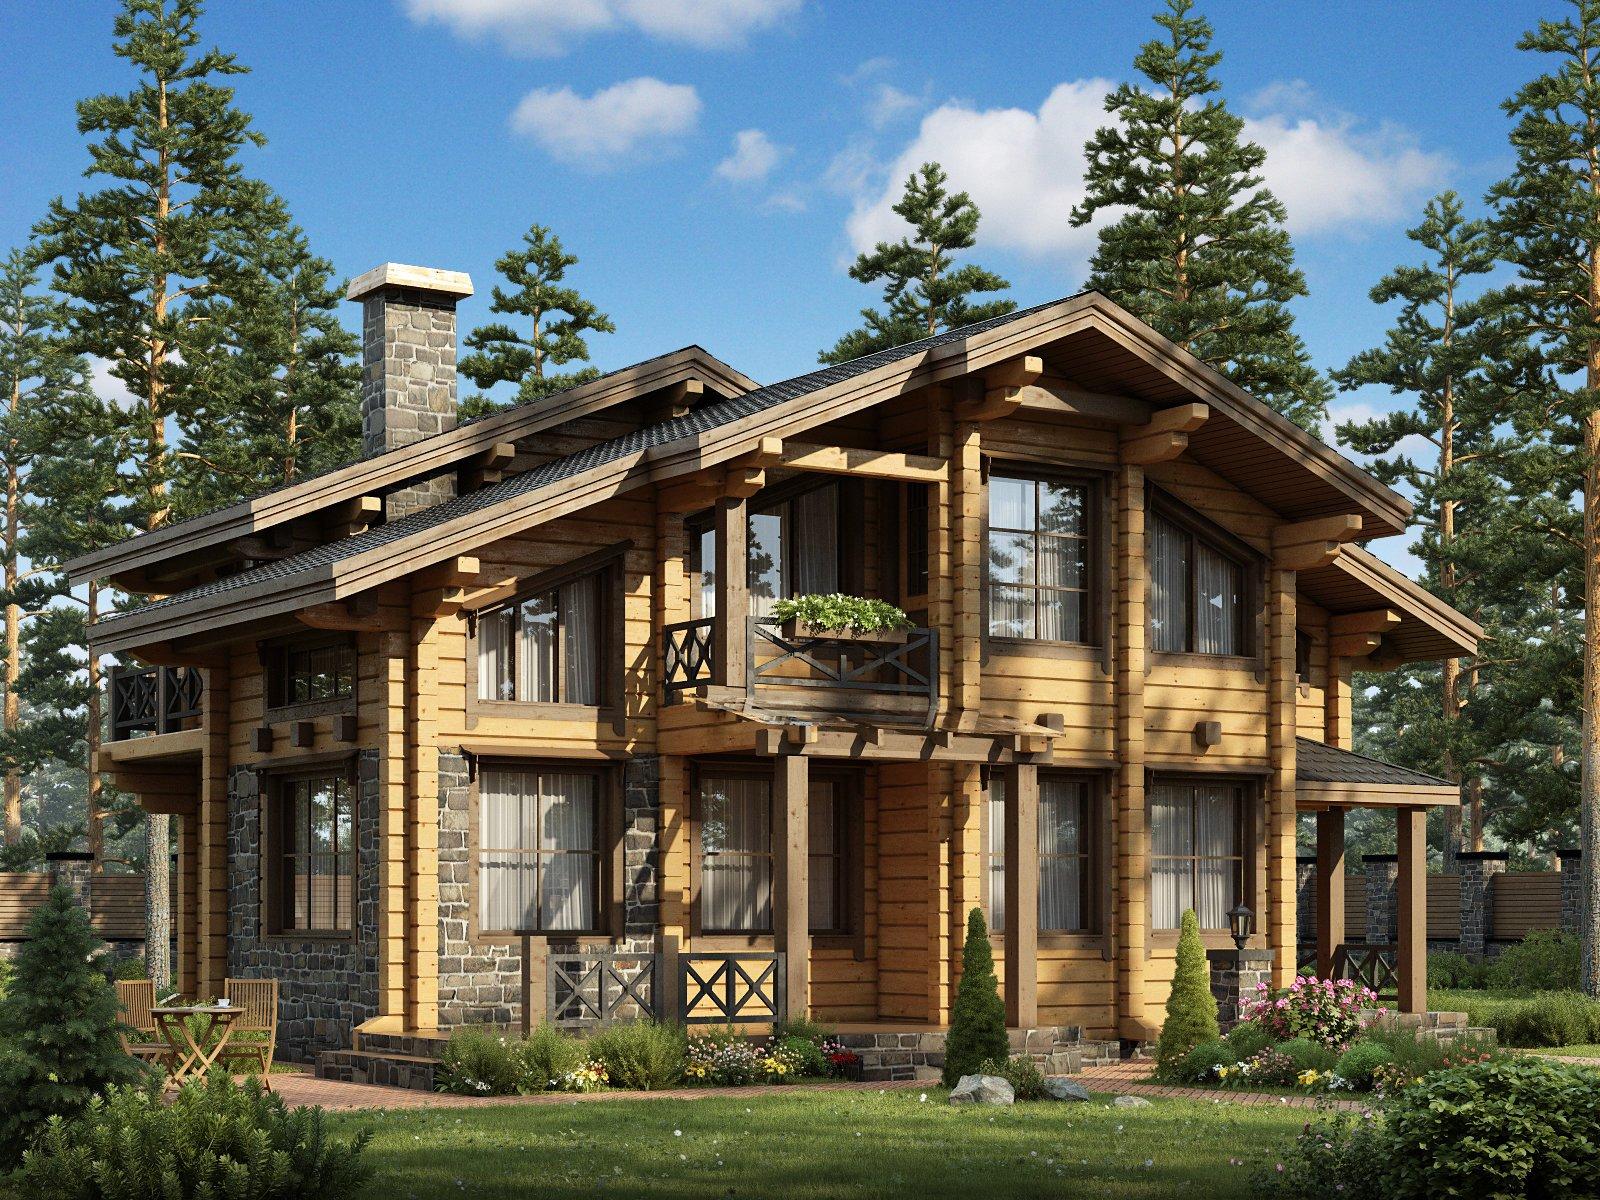 родительским красивые дома в стиле шале проекты фото певице